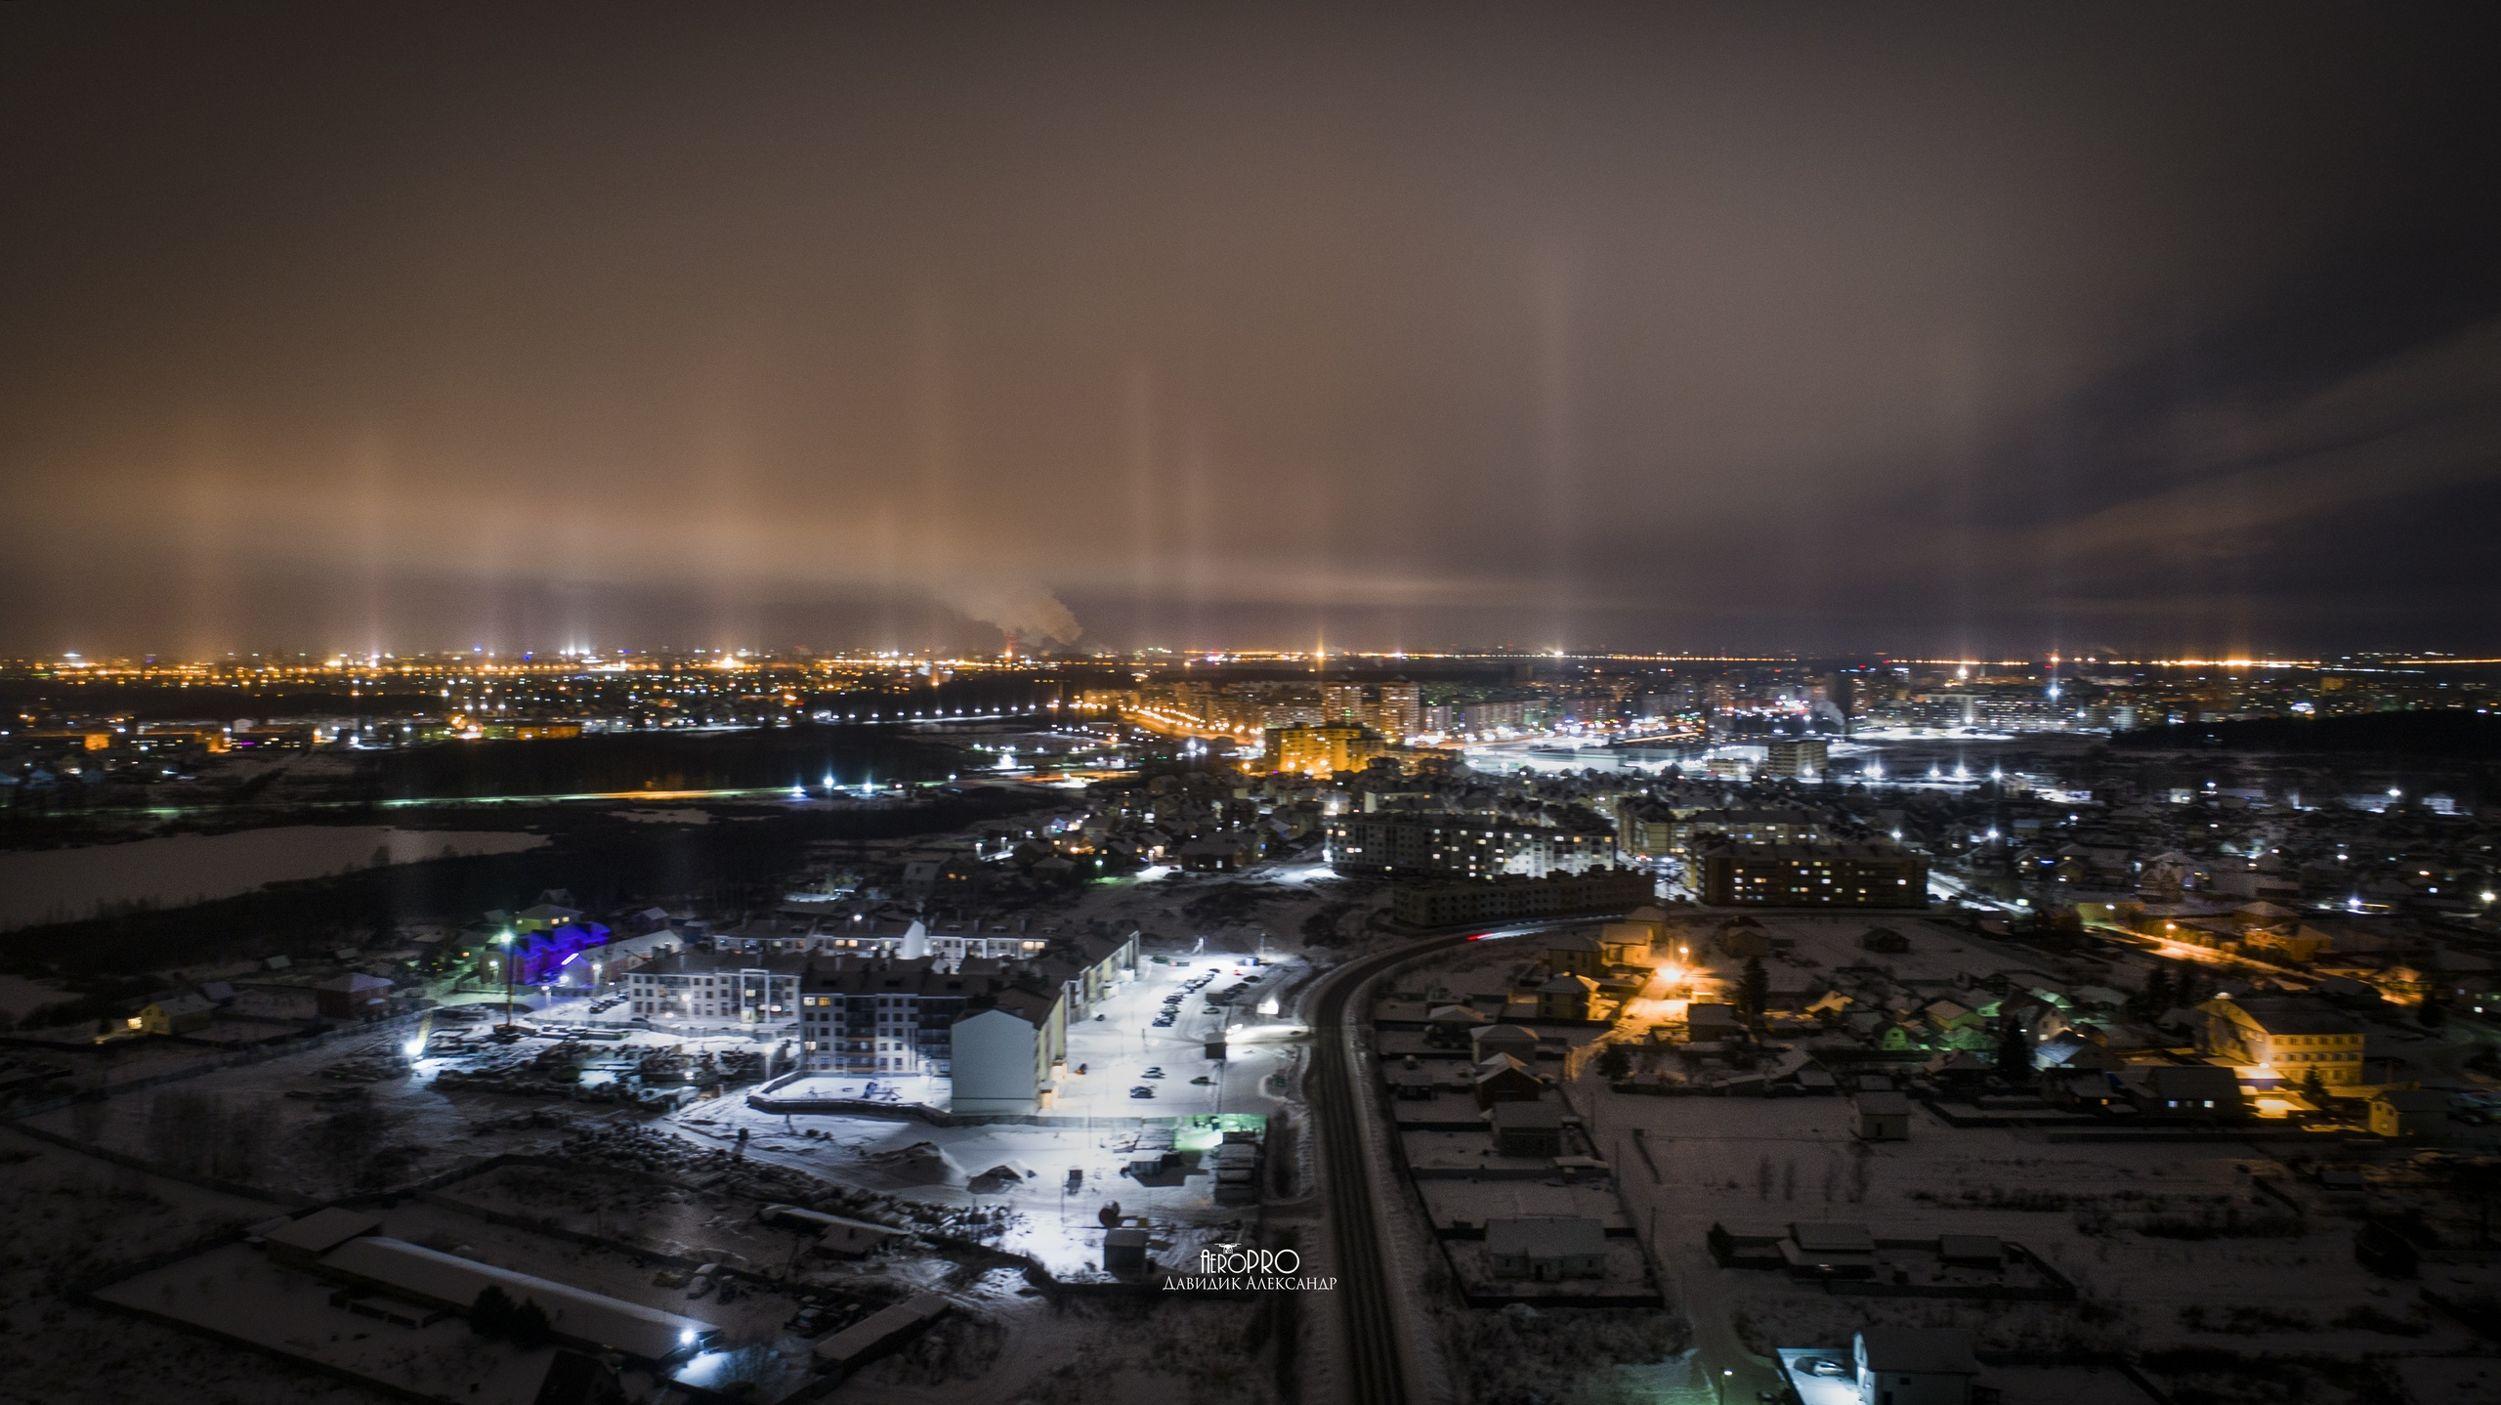 В Ярославле запечатлели множество световых столбов